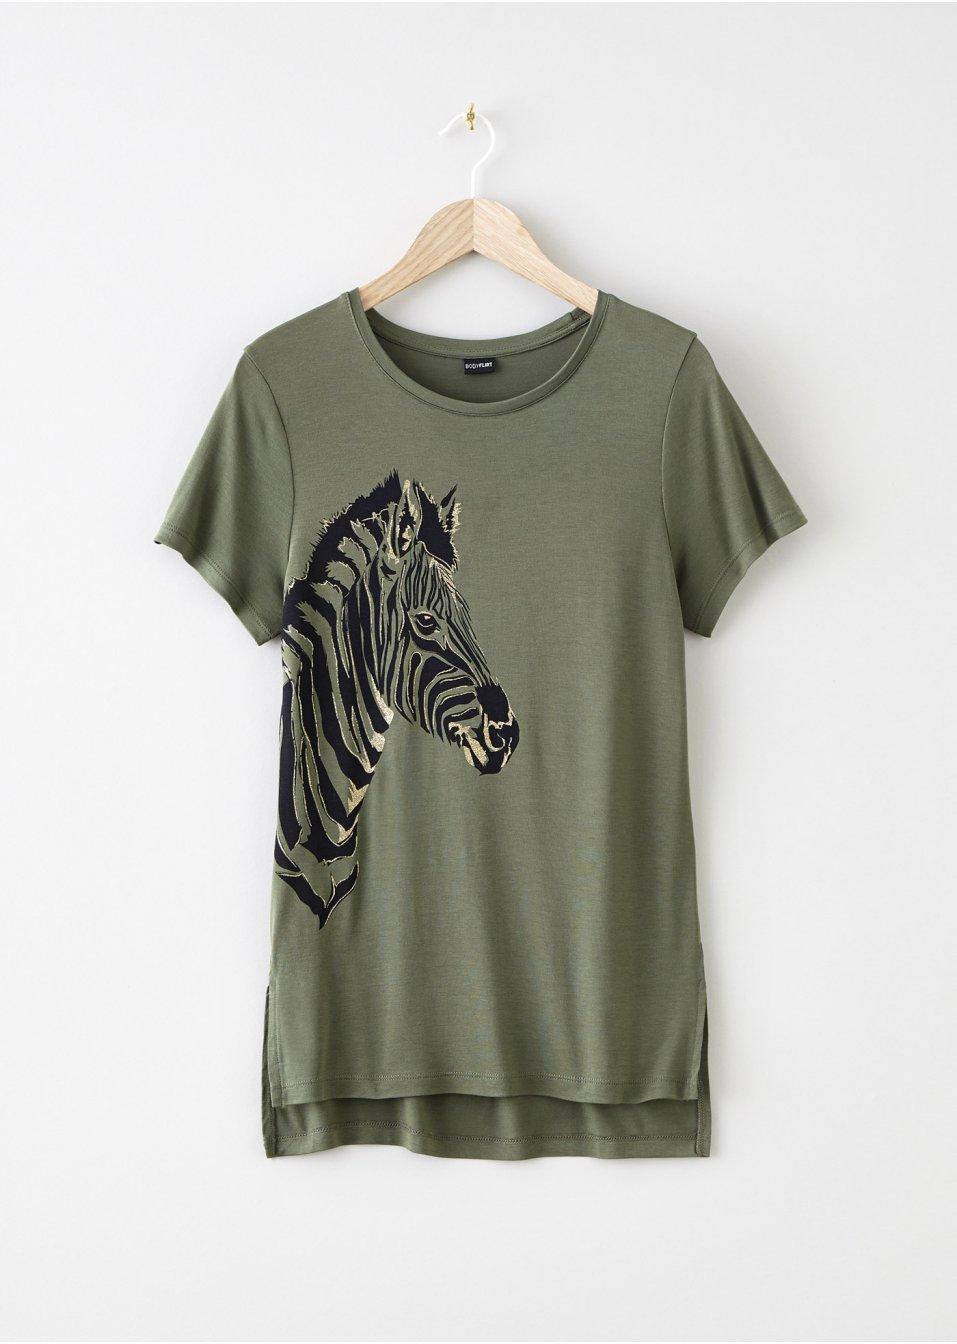 Mode Femme Vêtements DJLfdOFlkj T-shirt olive RAINBOW acheter online .fr